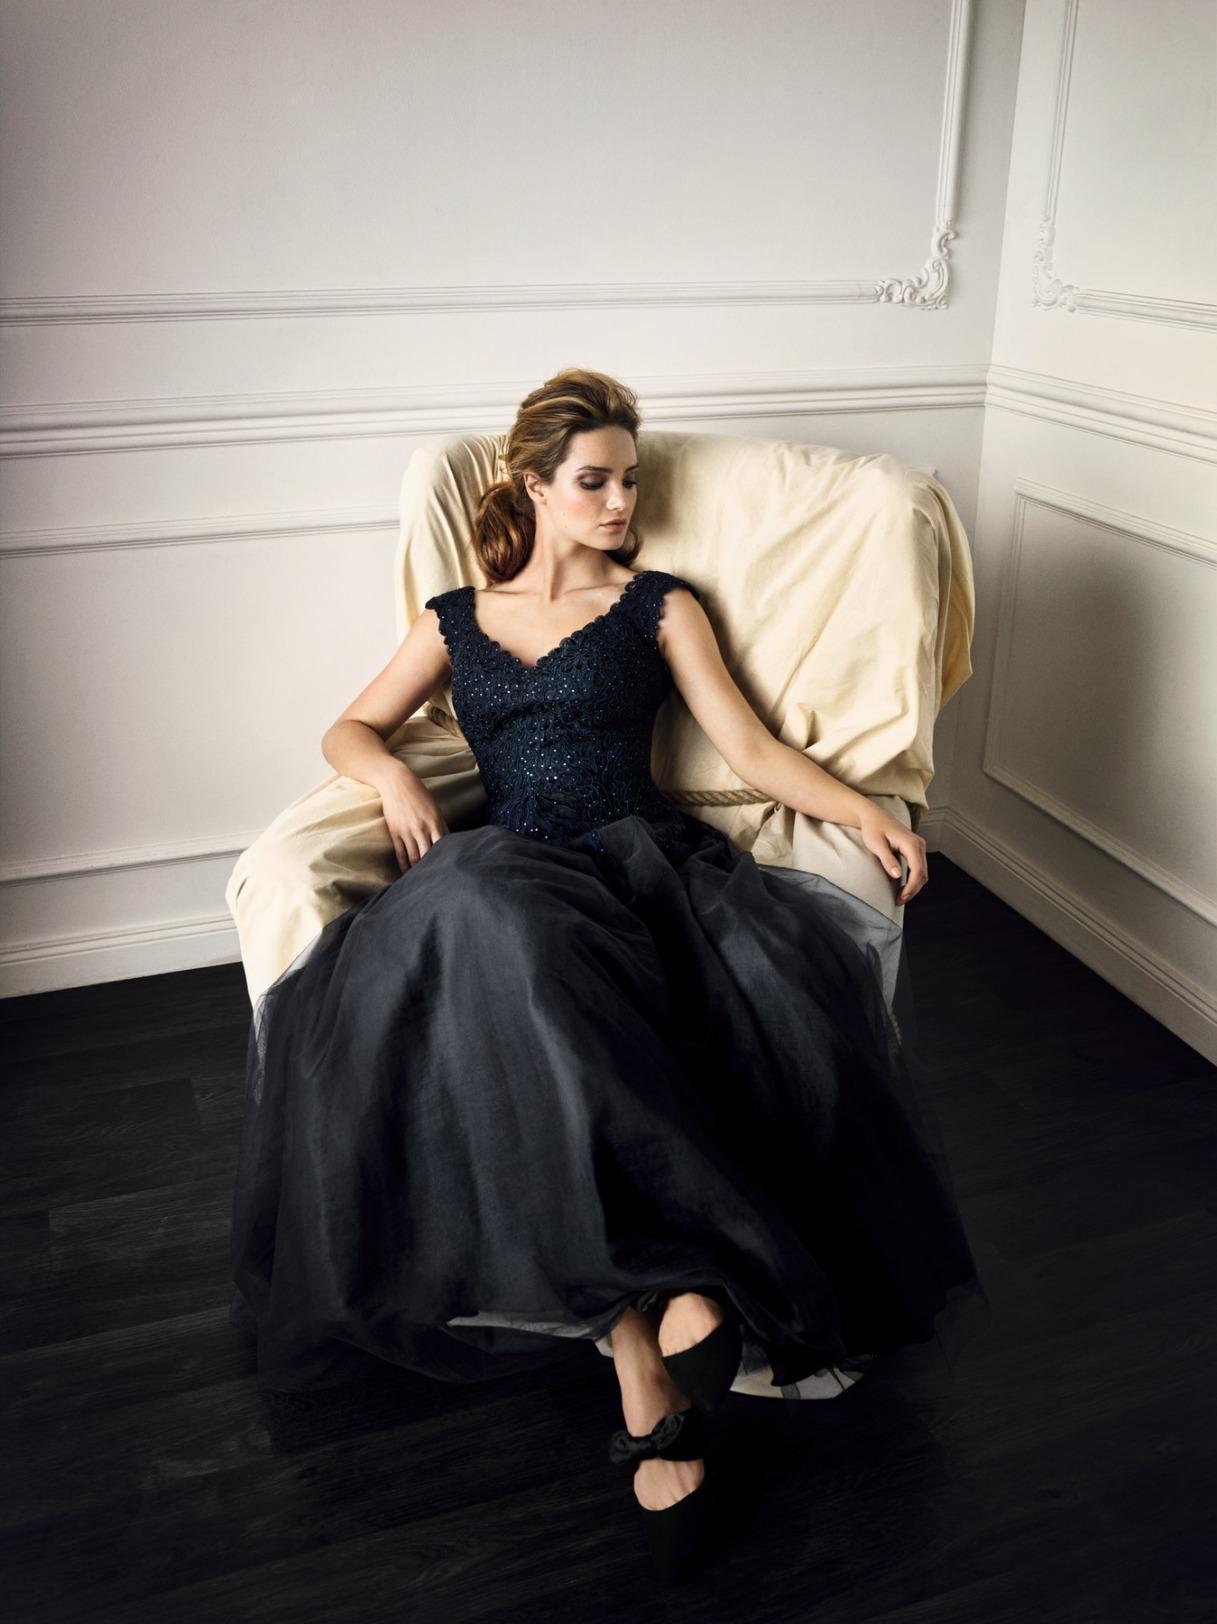 Vera Mont Kleid Anlass Mode Hochzeit Festmode Damen für Eltern mit V-Ausschnitt glitzer Abendkleid festlichTüllrock dunkelblau navy blau